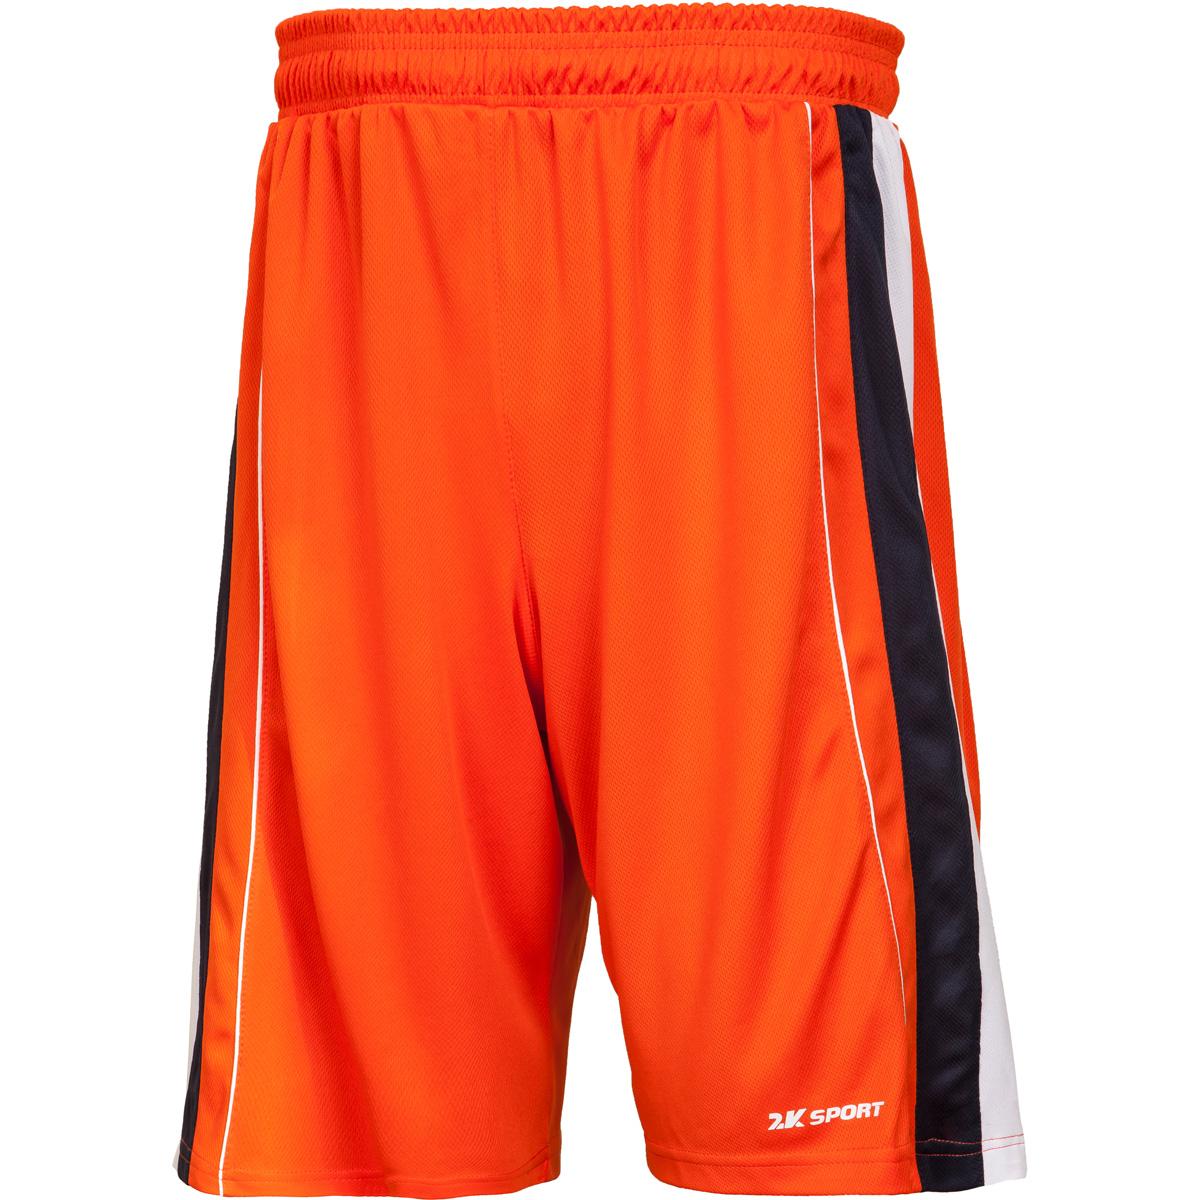 Шорты баскетбольные мужские 2K Sport Advance, цвет: оранжевый, темно-синий, белый. 130031. Размер XS (44)130031_orange/navy/whiteПрофессиональные баскетбольные шорты 2K Sport Advance созданы для того, чтобы вам ничего не мешало демонстрировать великолепную игру на паркете против самых грозных соперников. Особая сетчатая структура ткани позволяет сделать шорты практически невесомыми, сохраняя при этом прочность и эластичность. Эластичный пояс с регулируемым внутренним шнурком для комфортабельной посадки. Шорты выполнены в свободном крое с кантом чуть выше колена.